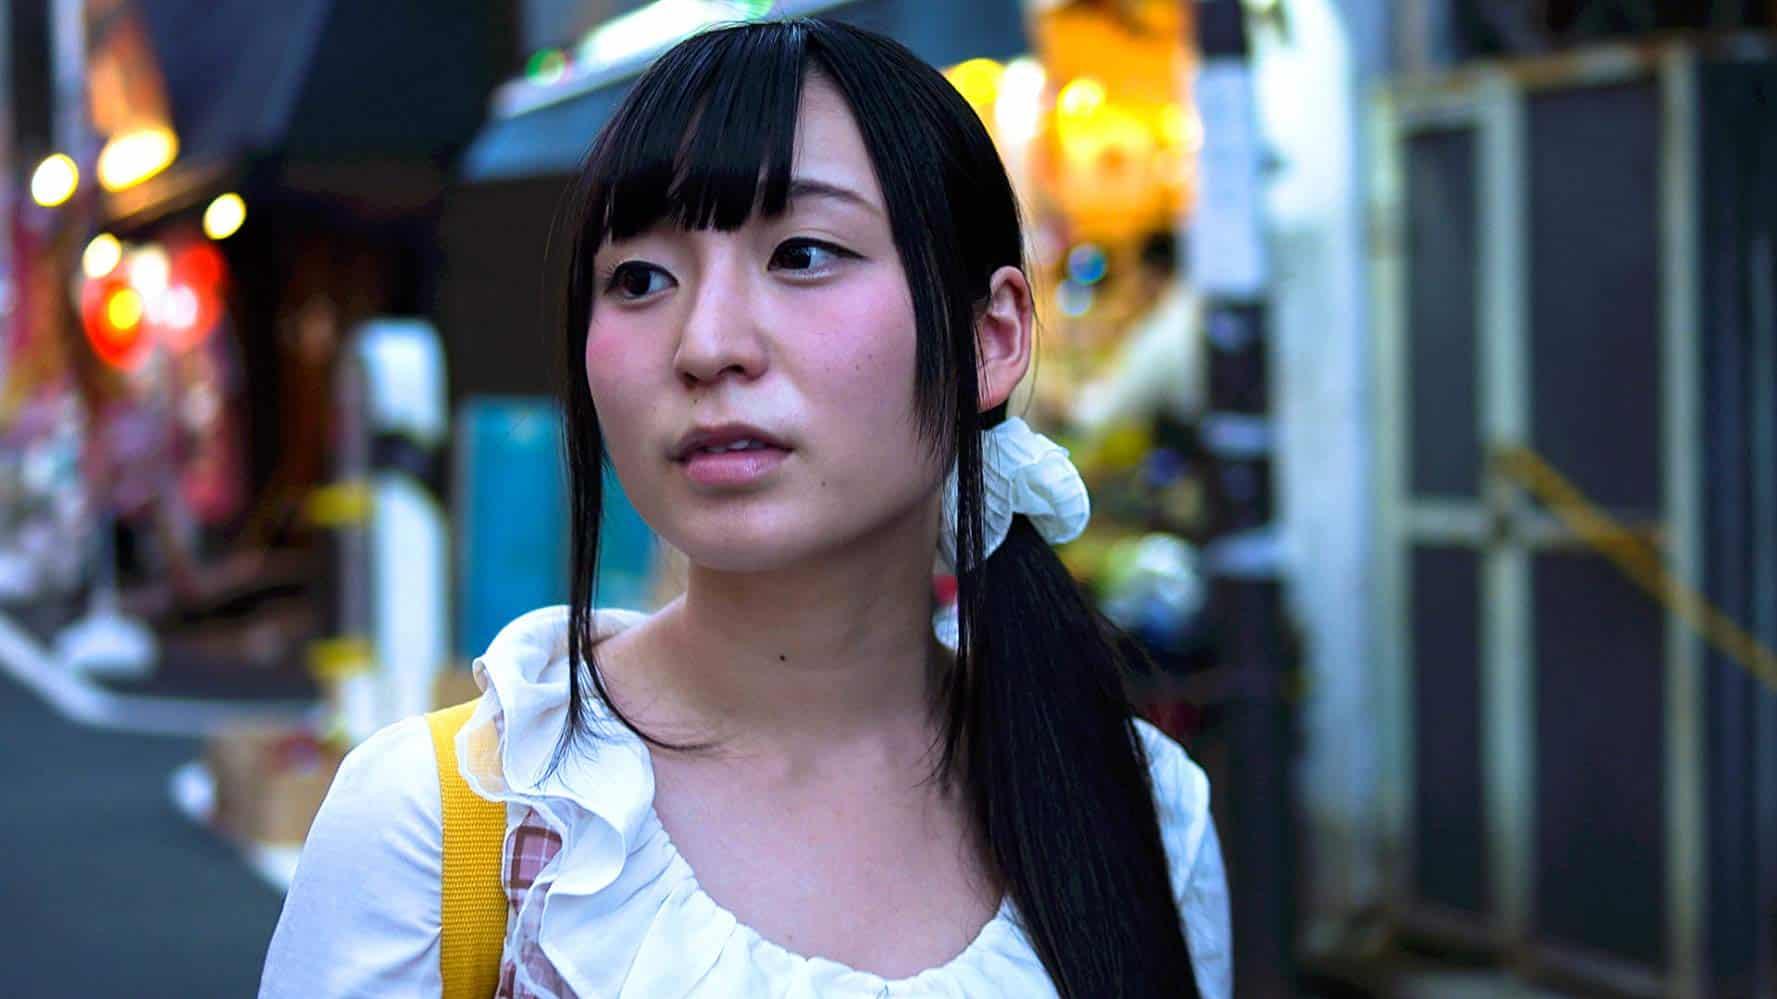 """""""ริโอะ"""" (Rio) เด็กสาวอายุ 19 ปีซึ่งเป็นตัวเดินเรื่องคนสำคัญของสารคดีเรื่อง Tokyo Idols"""